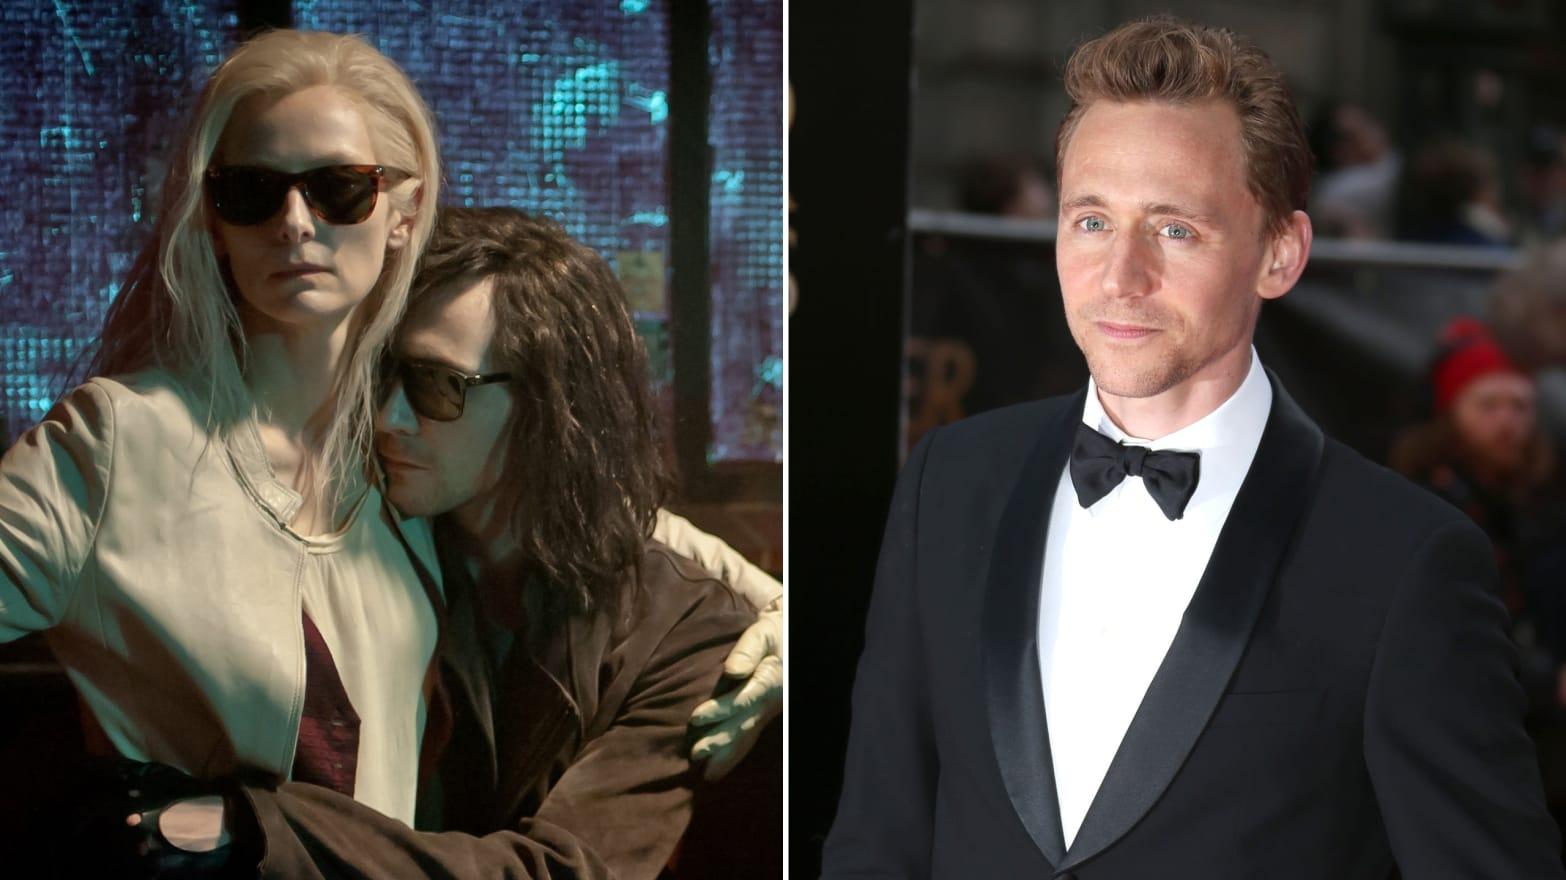 Tom Hiddleston On His Rocker-Vampire in 'Only Lovers Left